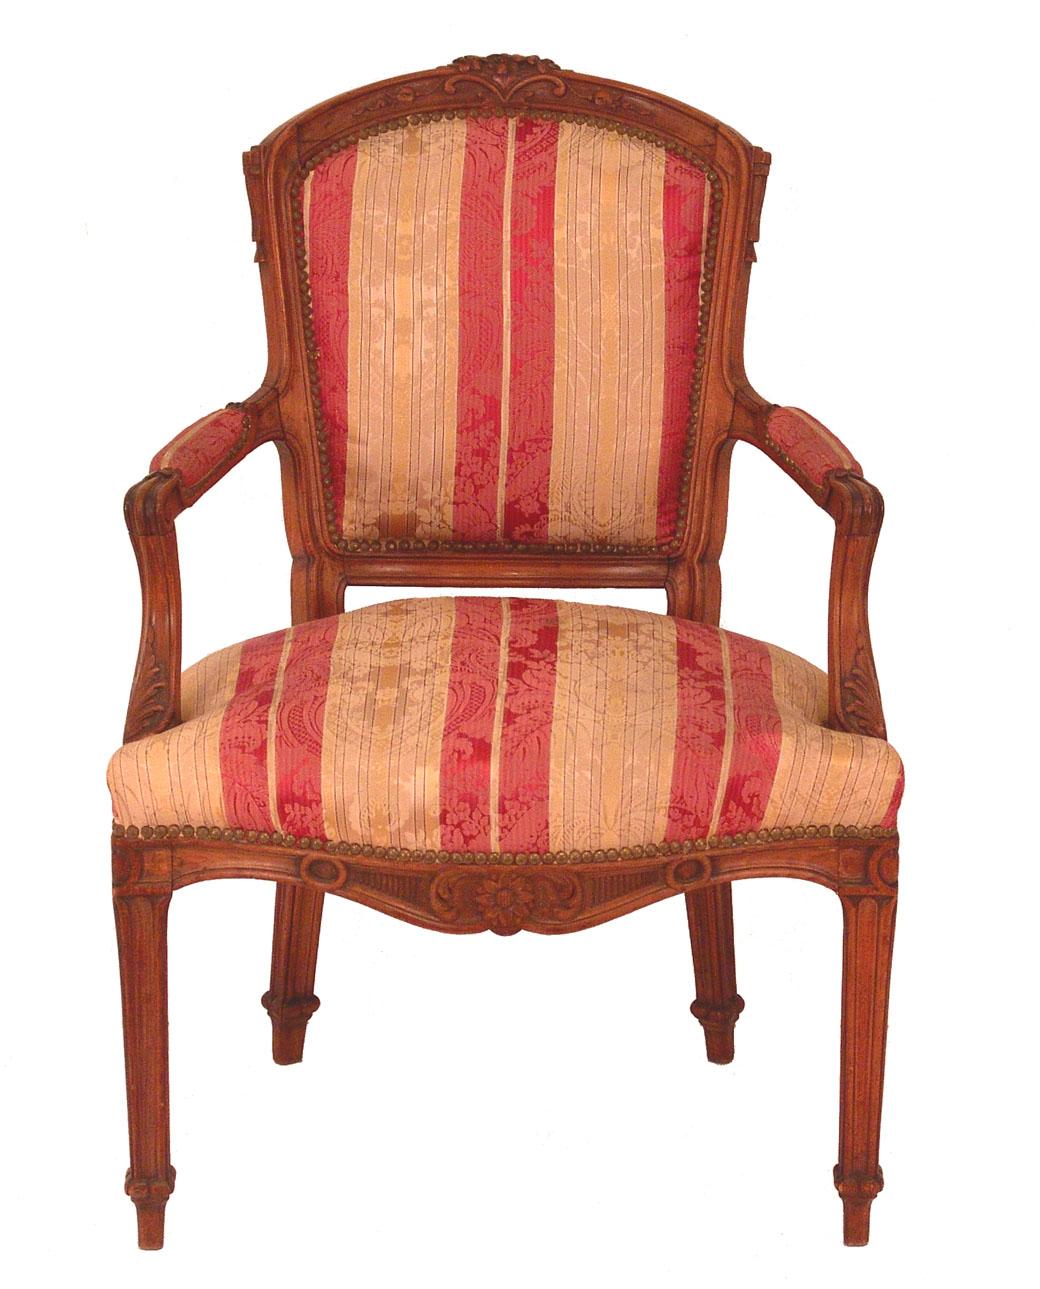 Bgw remate i0000 muebles gek htm gendata - Sillones con estilo ...